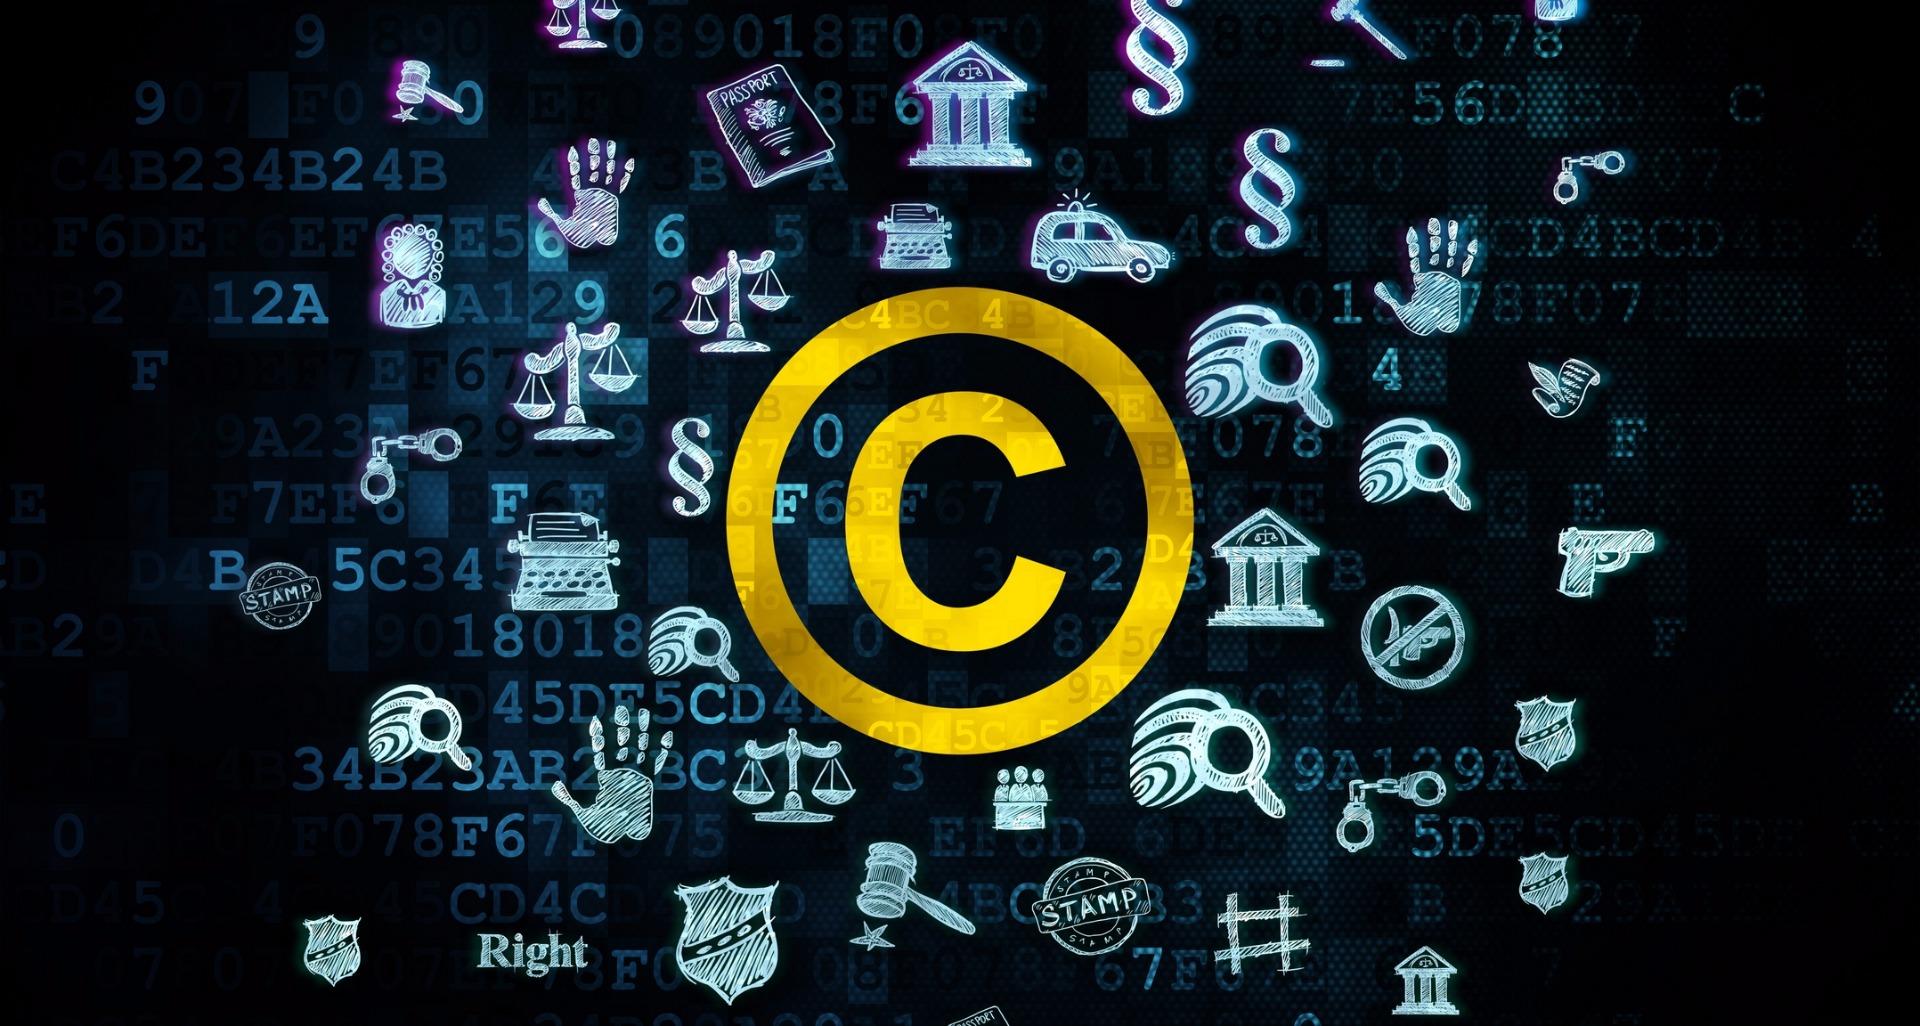 Авторские права право на жизнь